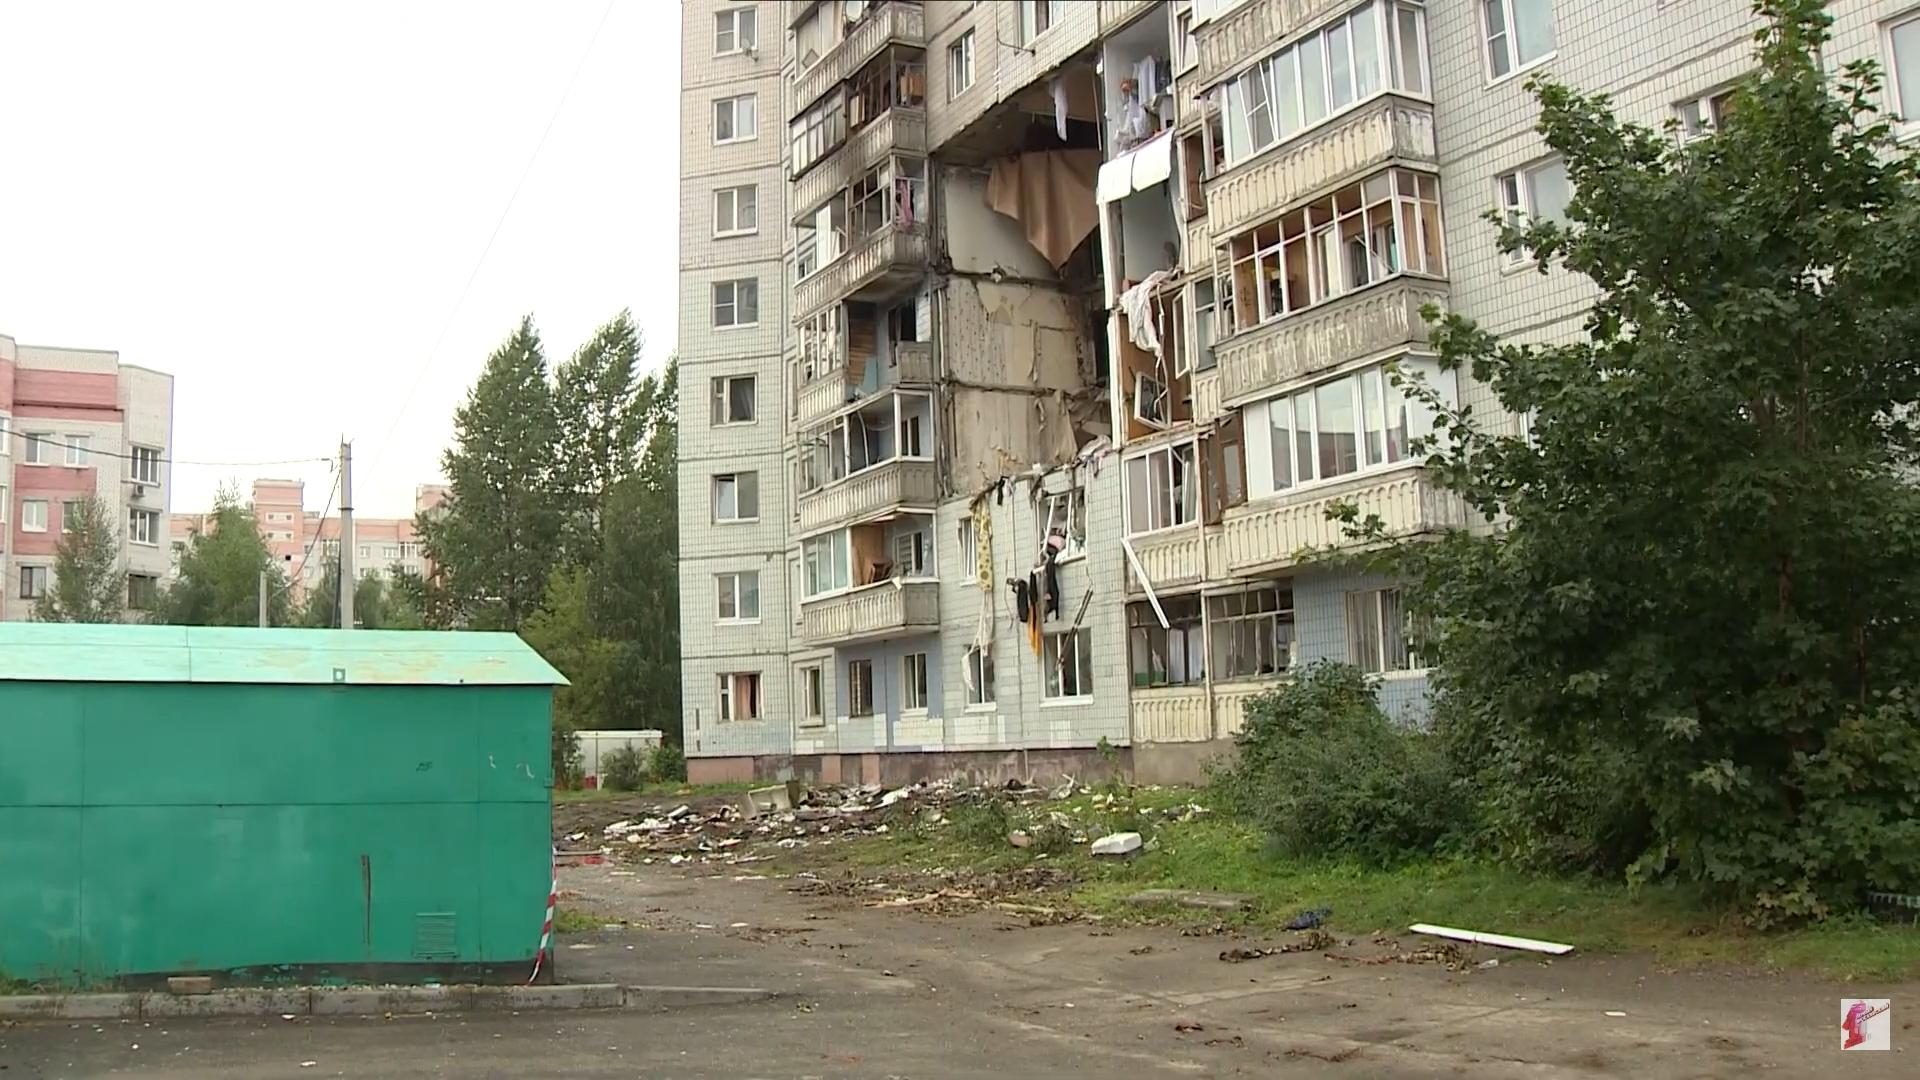 Жителям взорвавшегося в Ярославле дома выделят почти 30 млн. на покупку новых квартир